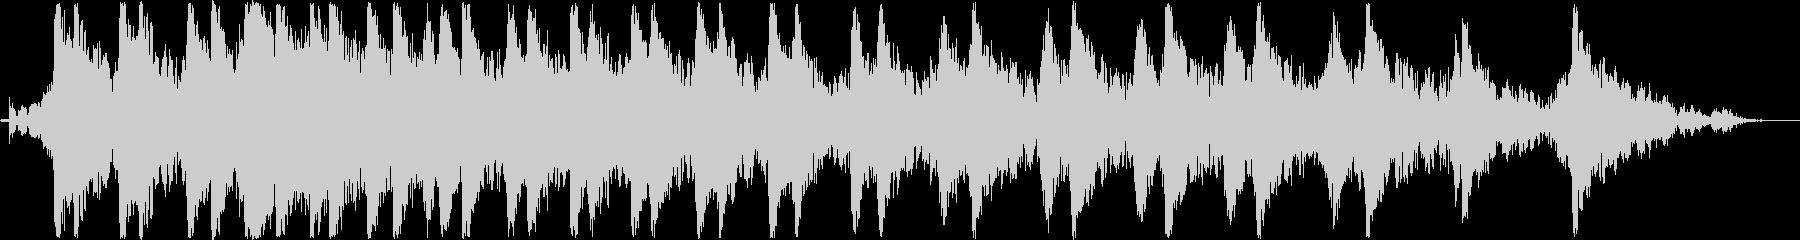 バイク・チェーンソーのエンジン音(A)の未再生の波形